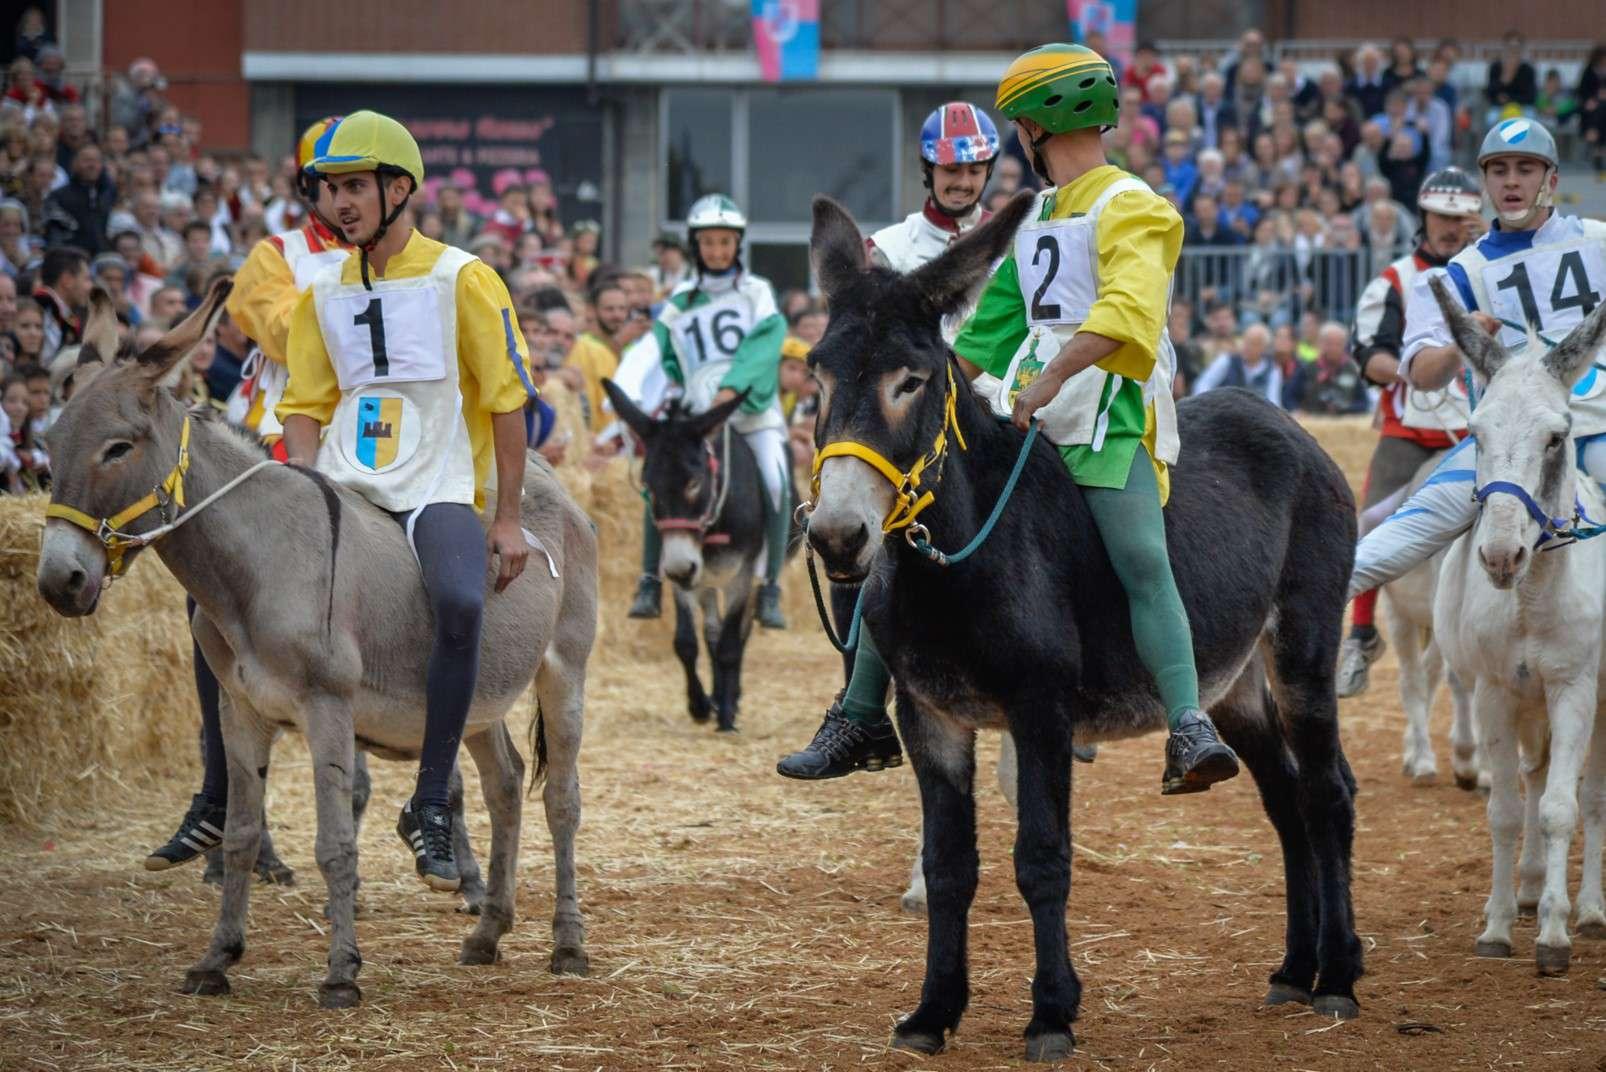 Fiera Internazionale del Tartufo Bianco d'Alba donkey race start